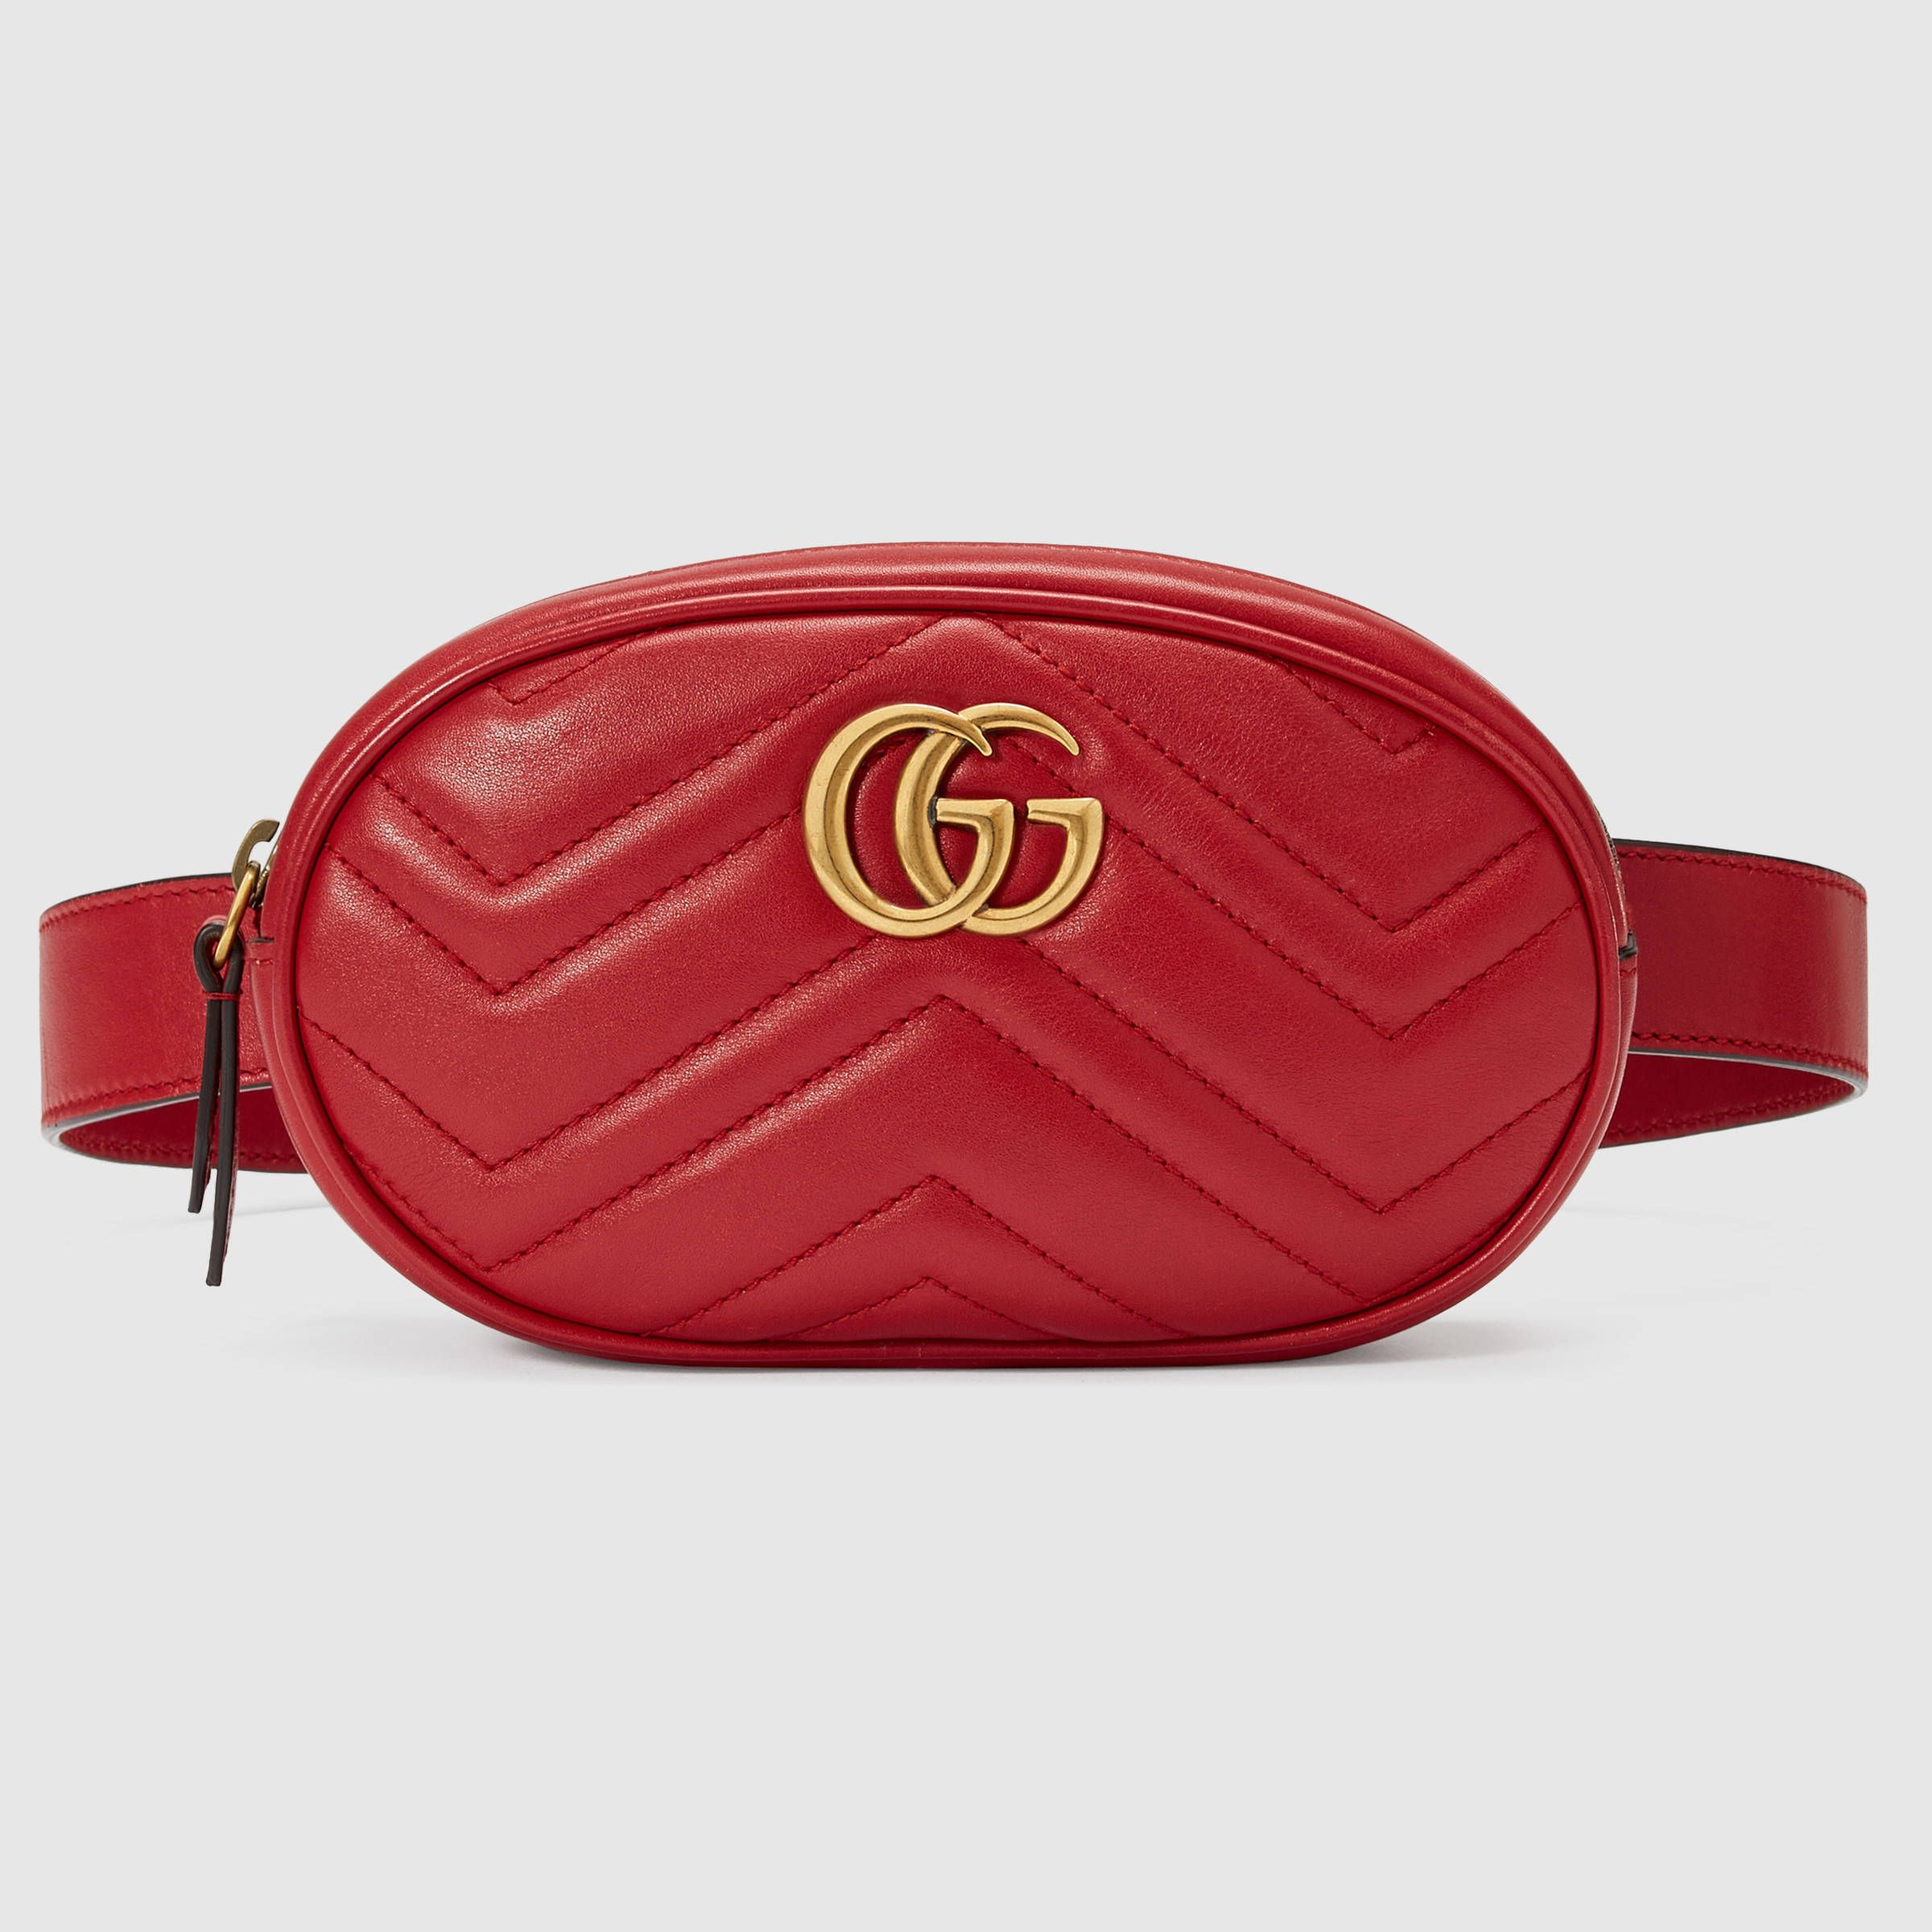 Gucci Marmont matelassé leather belt bag $ 1,050 ...